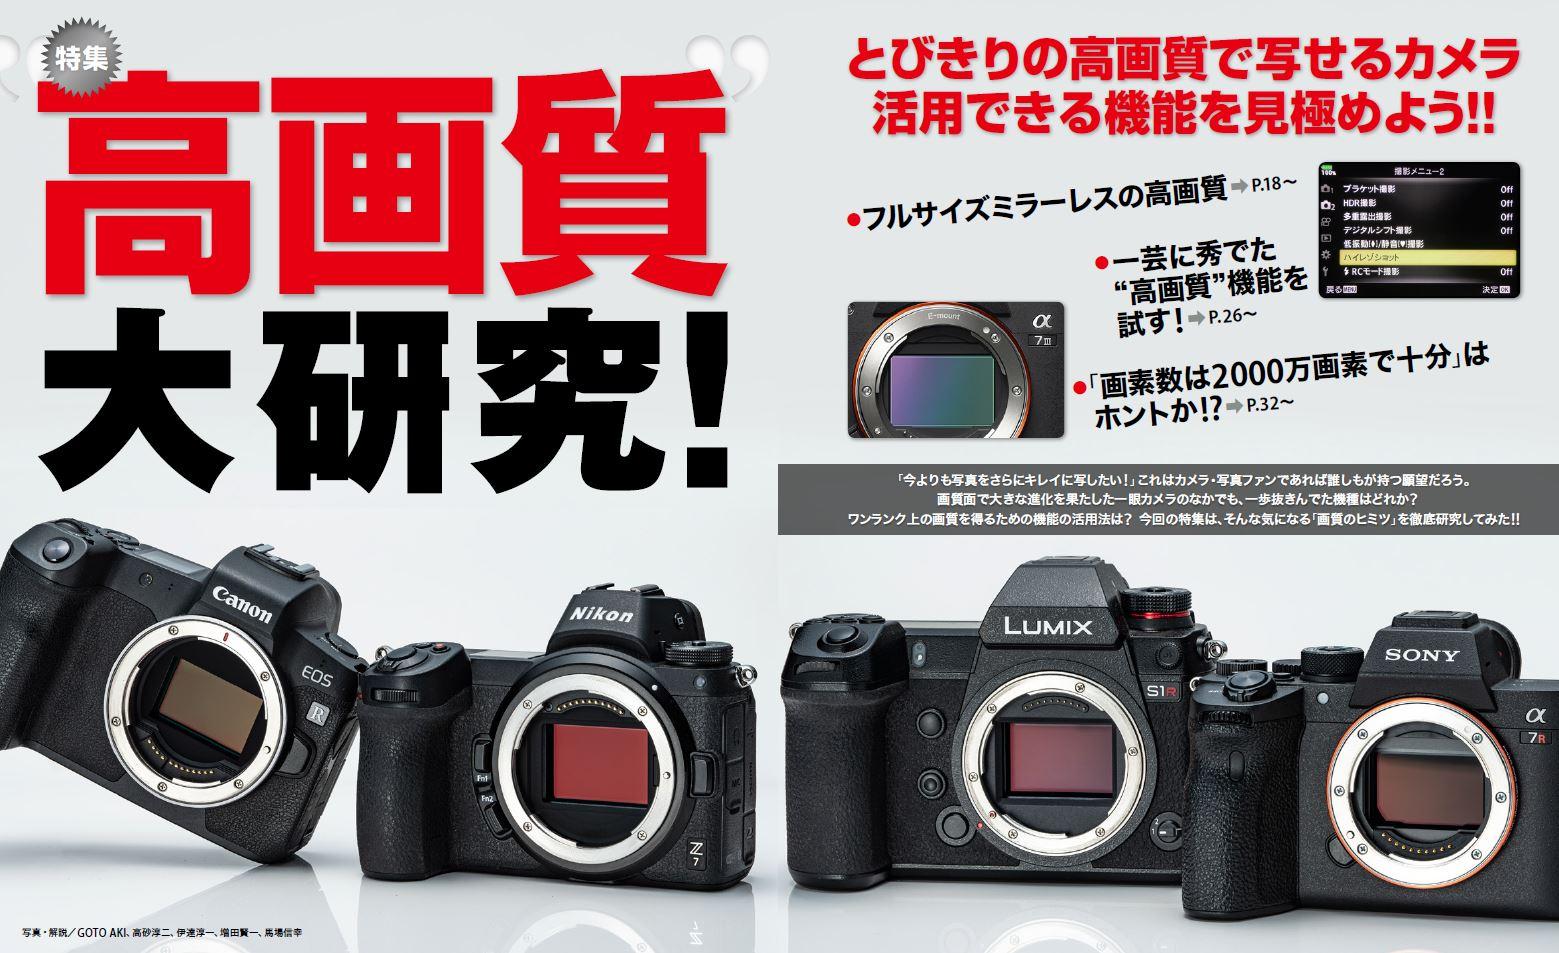 高砂淳二さんとGOTO AKIさんの高画質フォトギャラリーも必見!